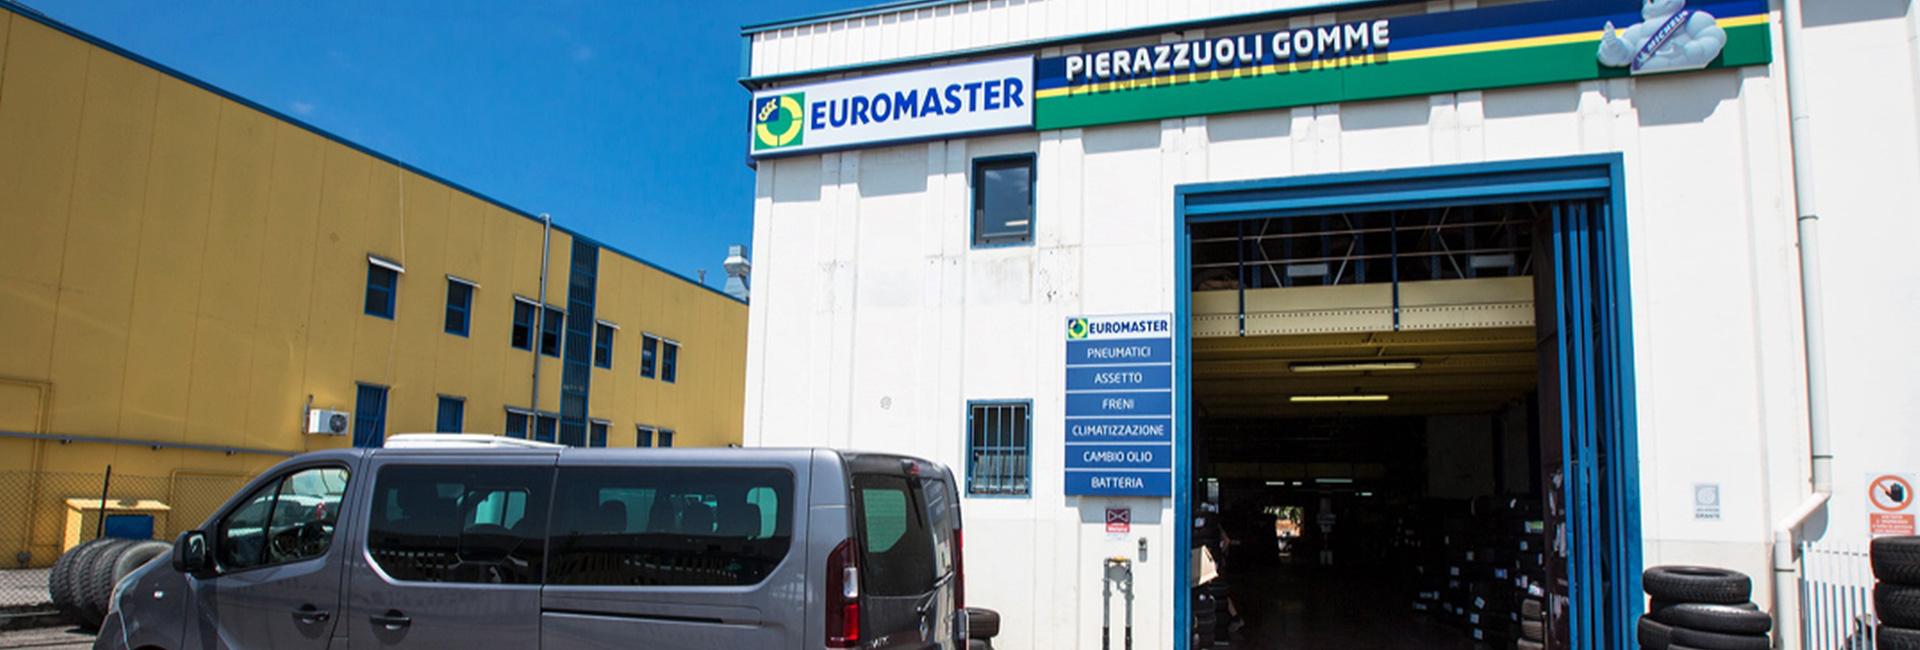 Gommista Euromaster Arezzo